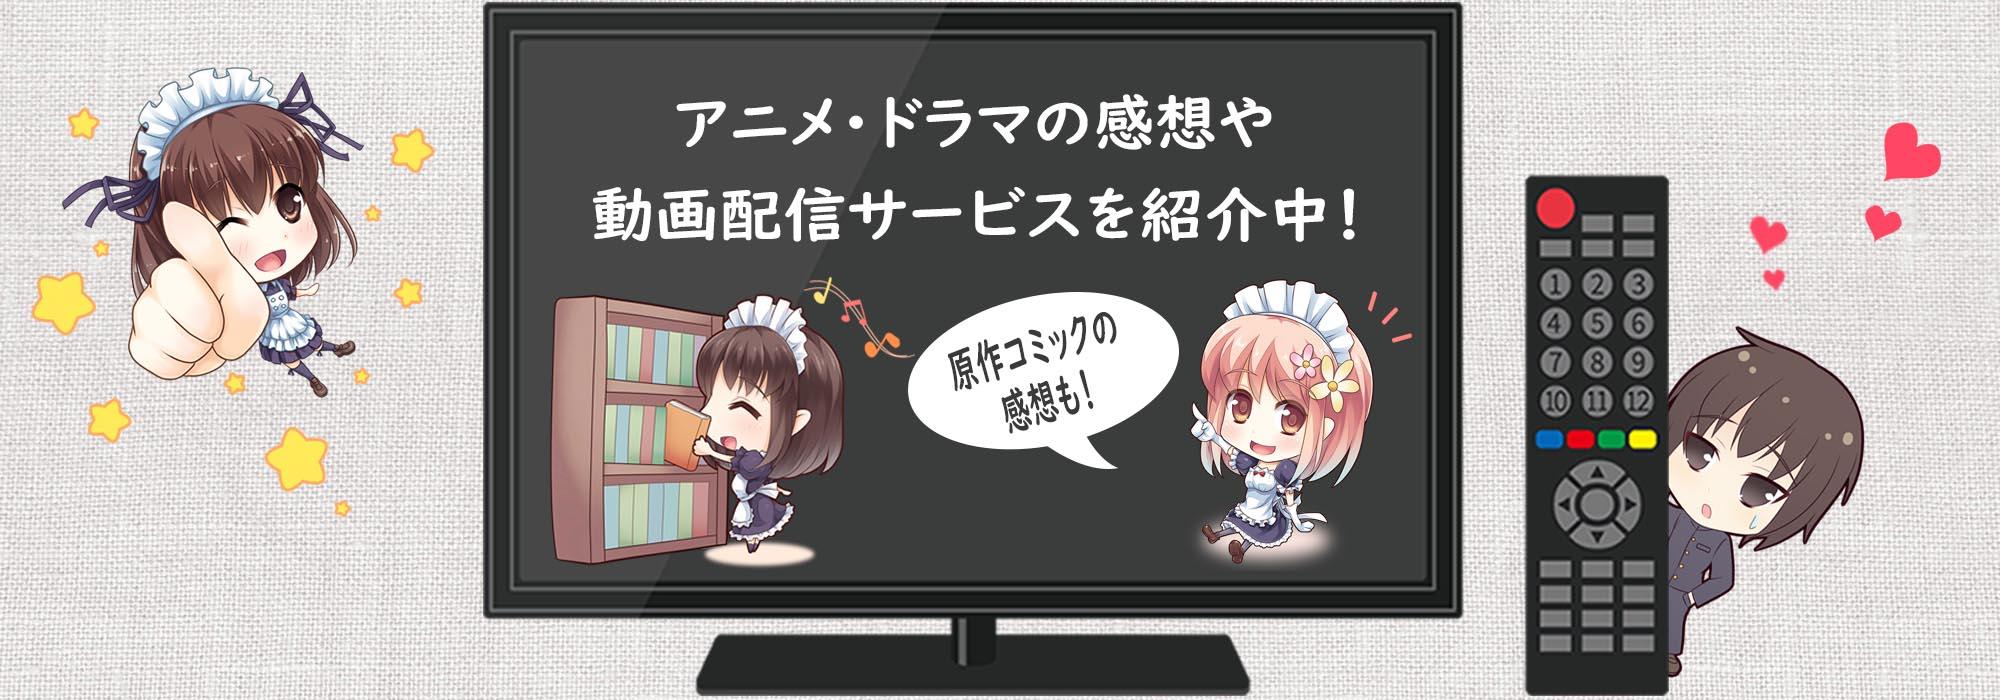 オタク主婦のアニメ・ドラマ・まんが情報